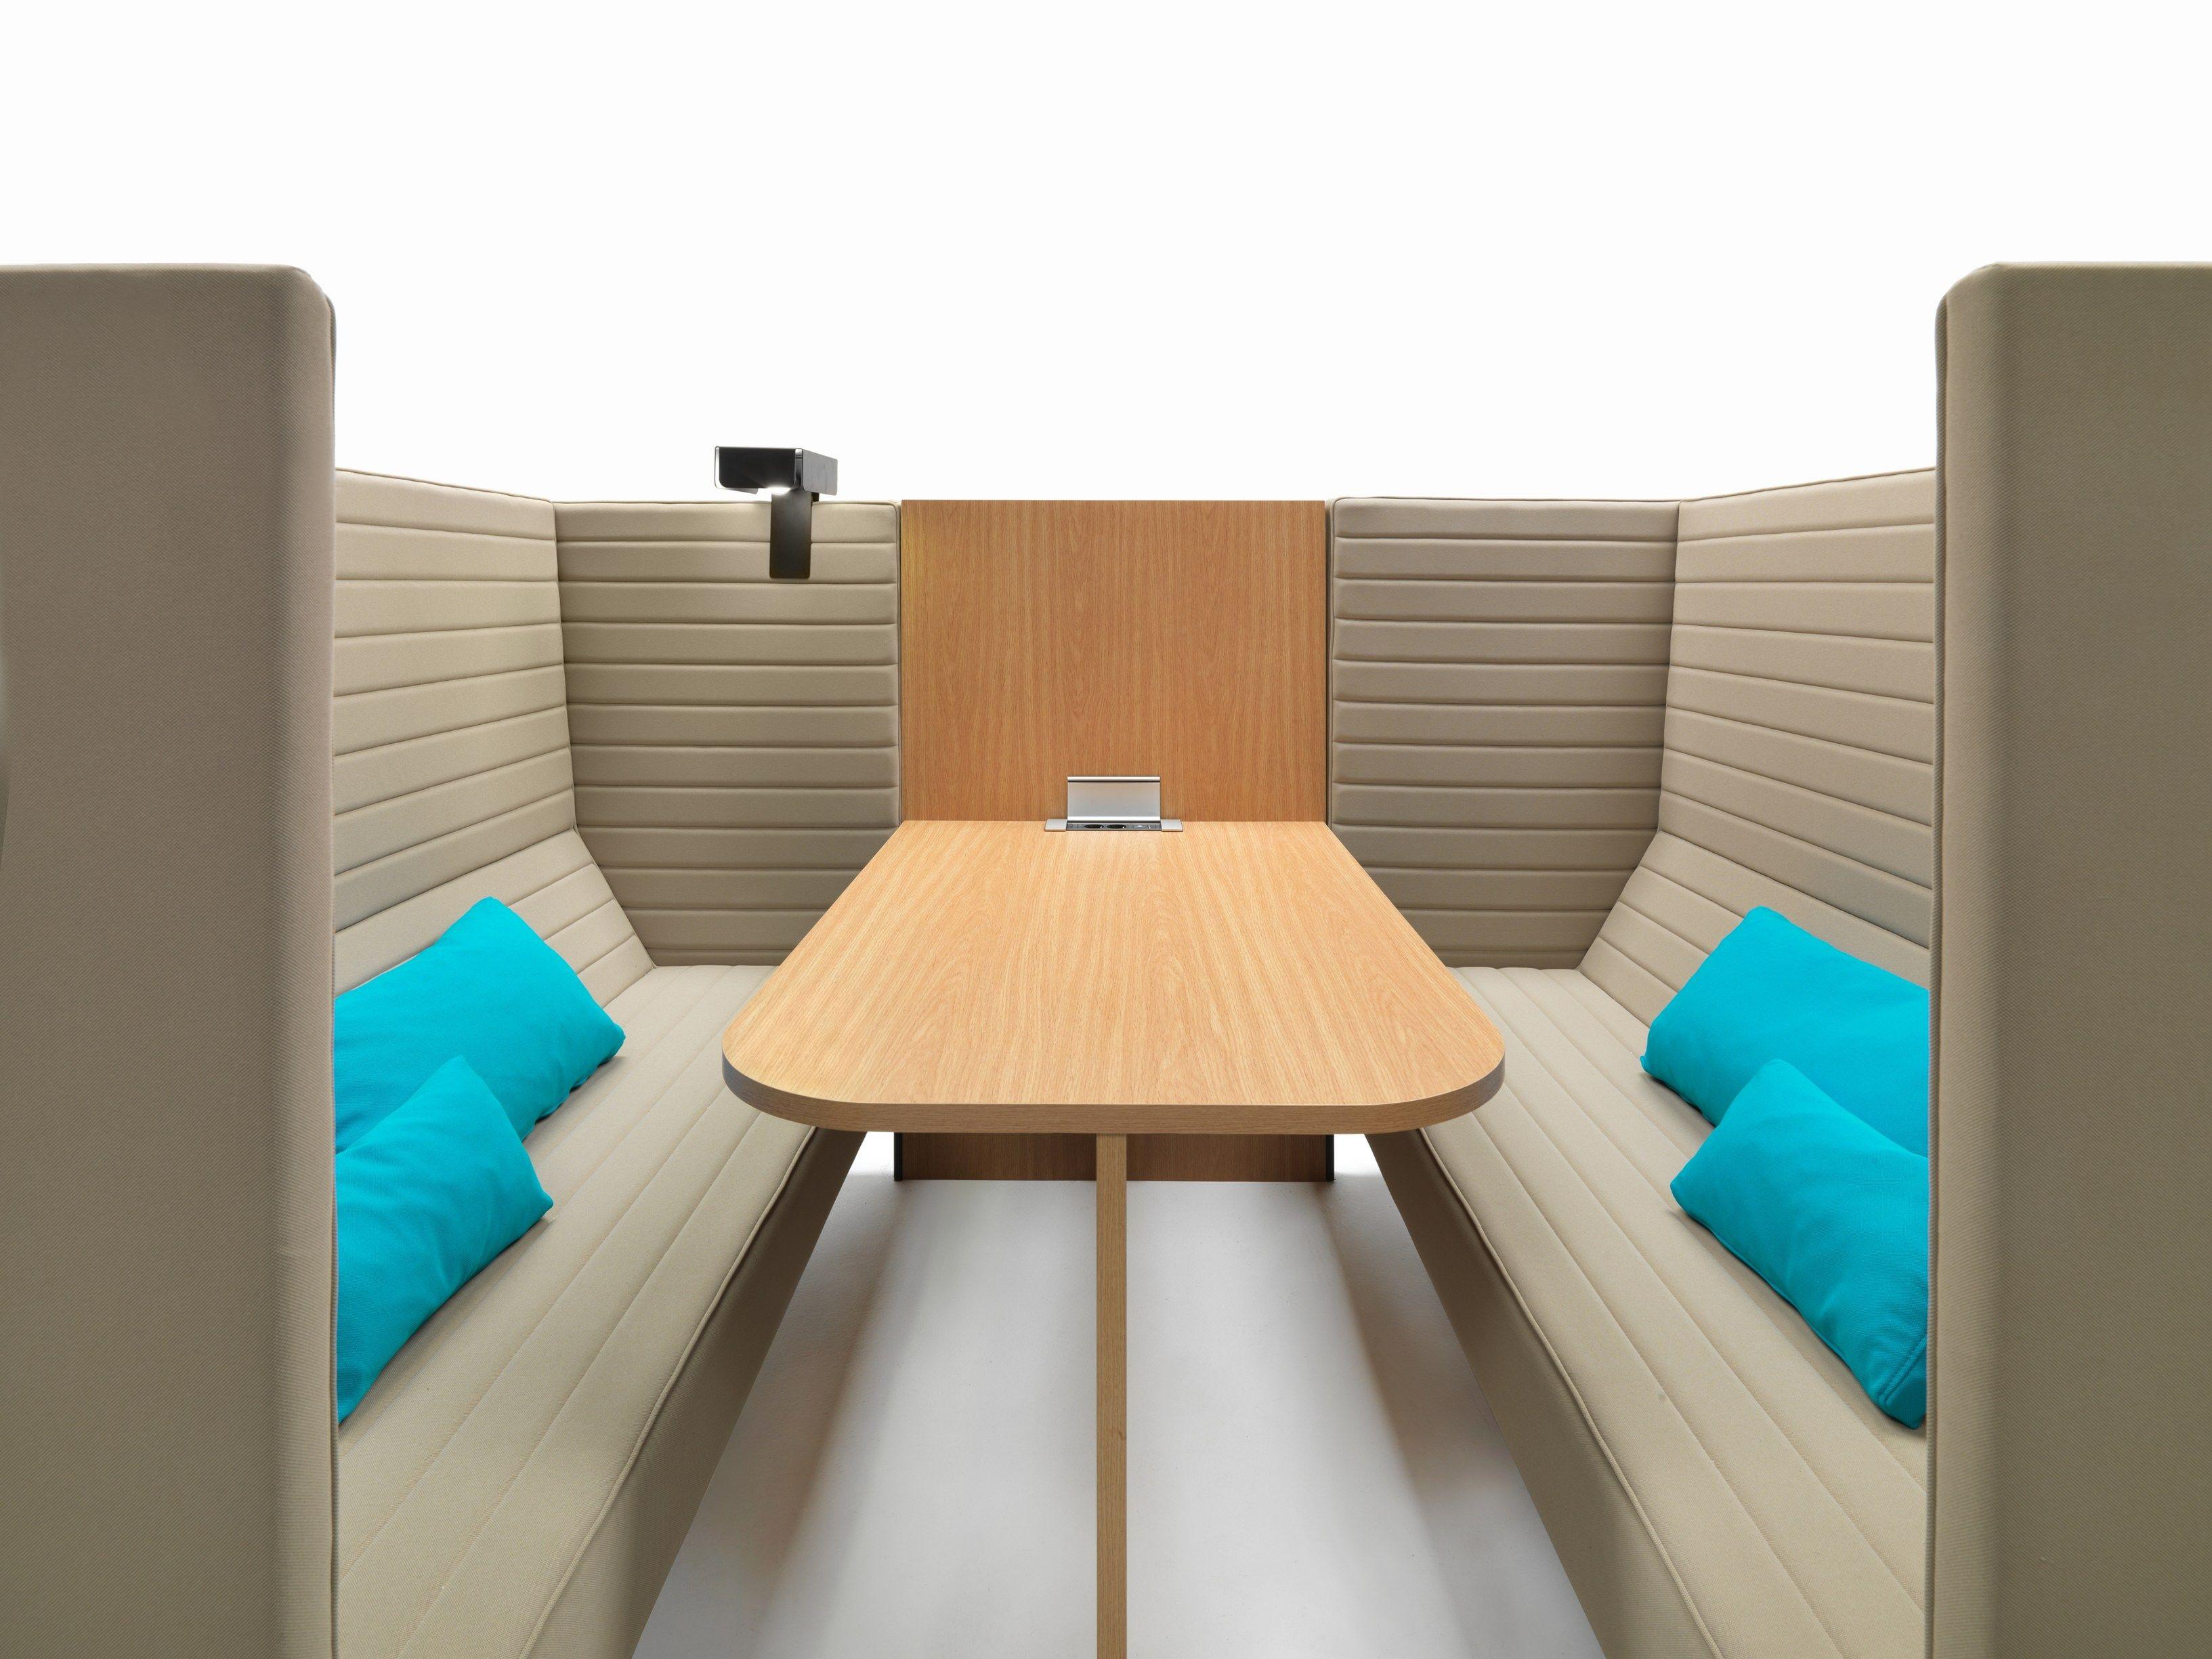 Multimedia office booth workshaker workshaker collection for Office design italia srl